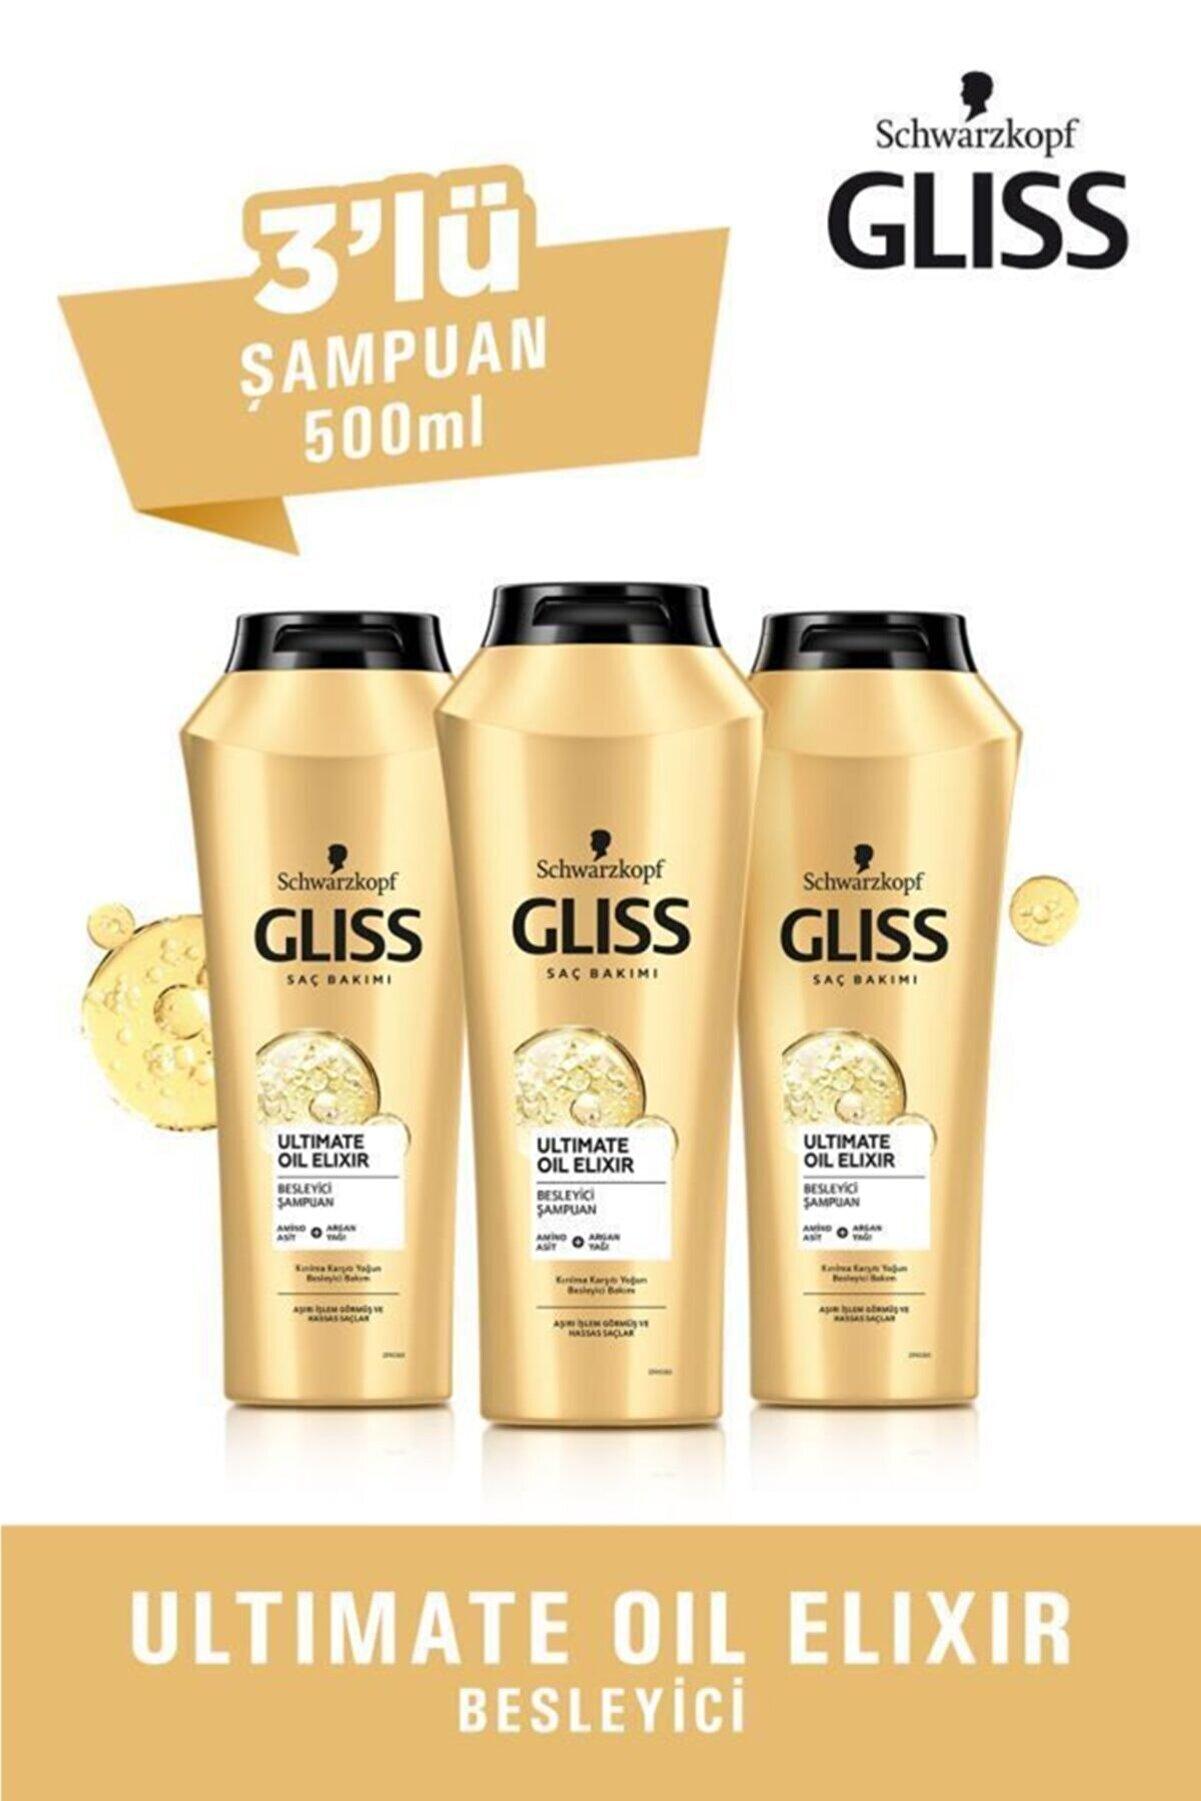 Gliss Ultimate Oil Elixir Besleyici Şampuan 500 ml 3'lü